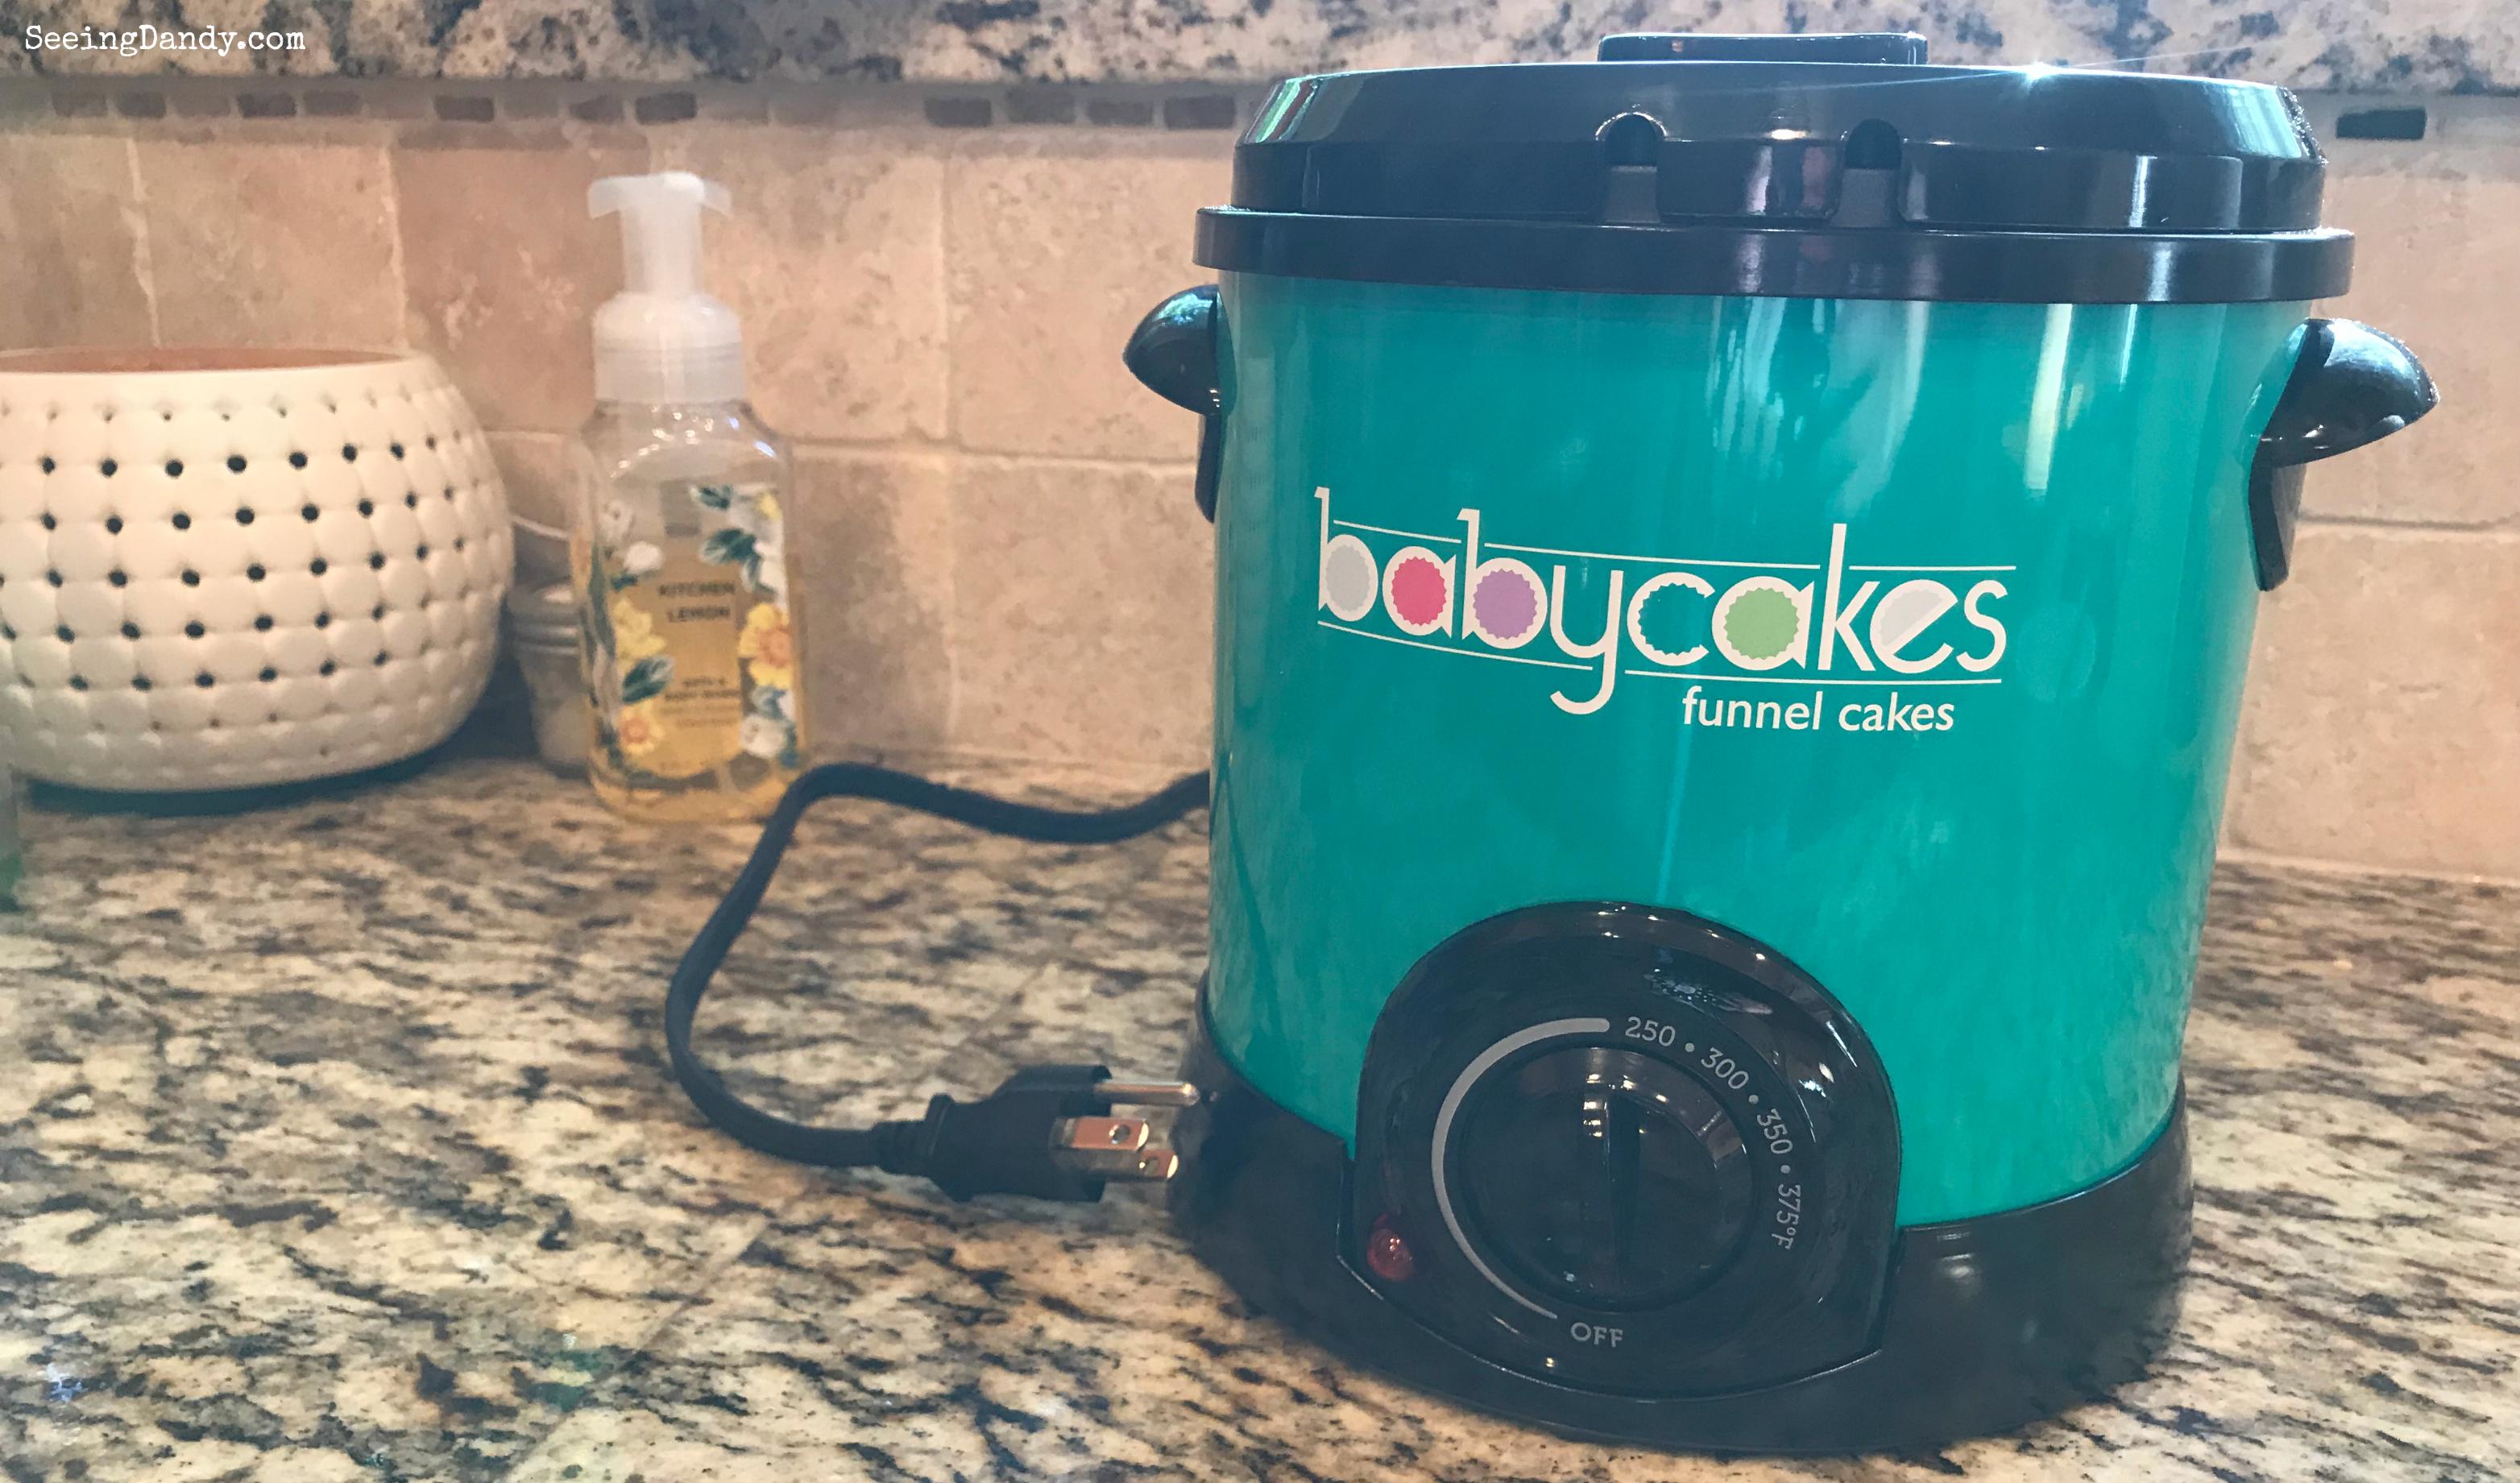 Babycakes funnel cake maker.